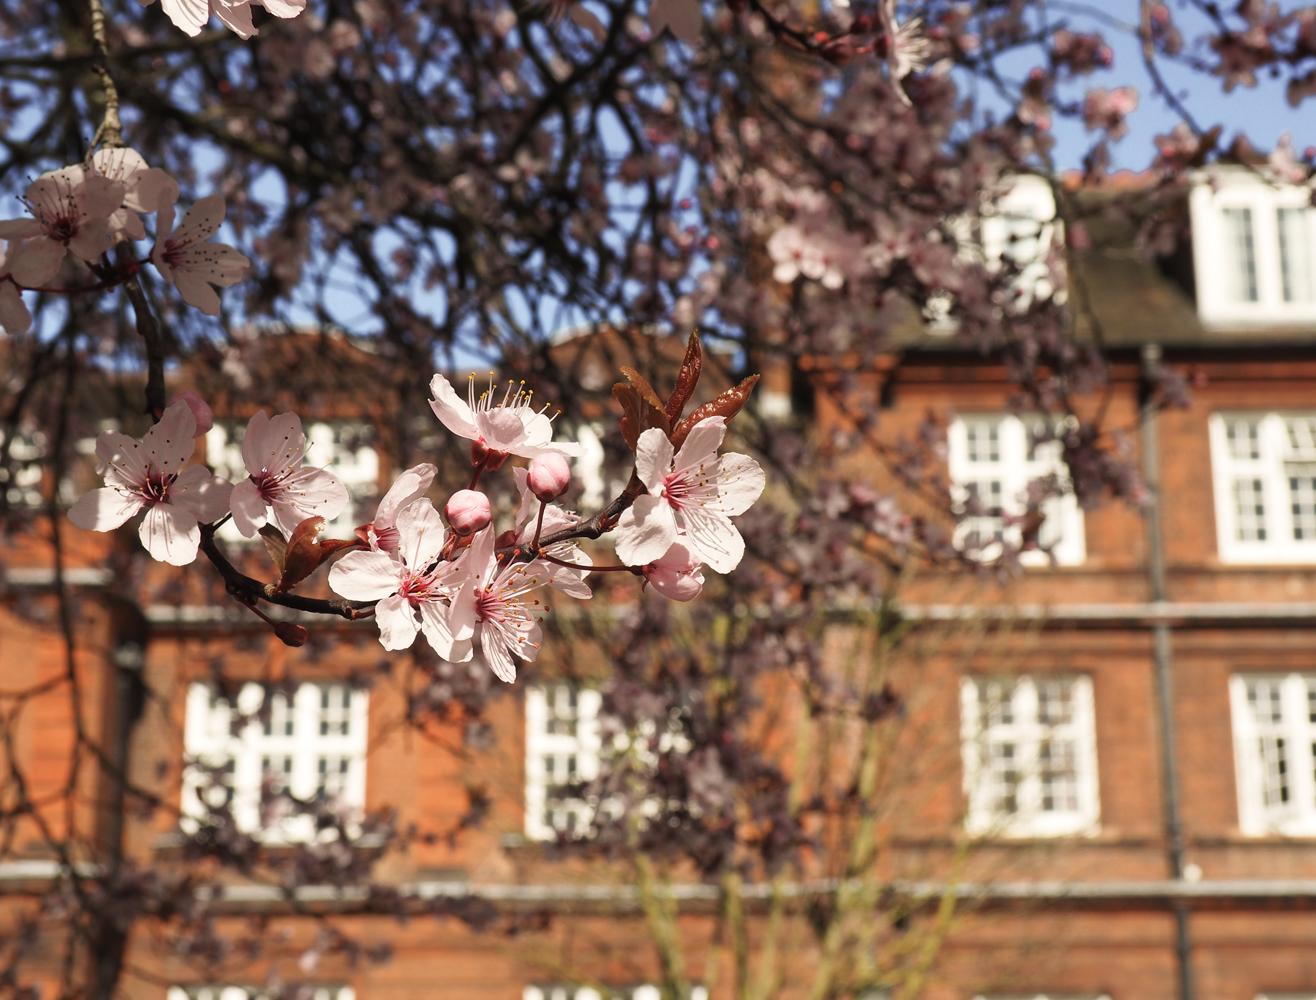 Emmanuel College Spring